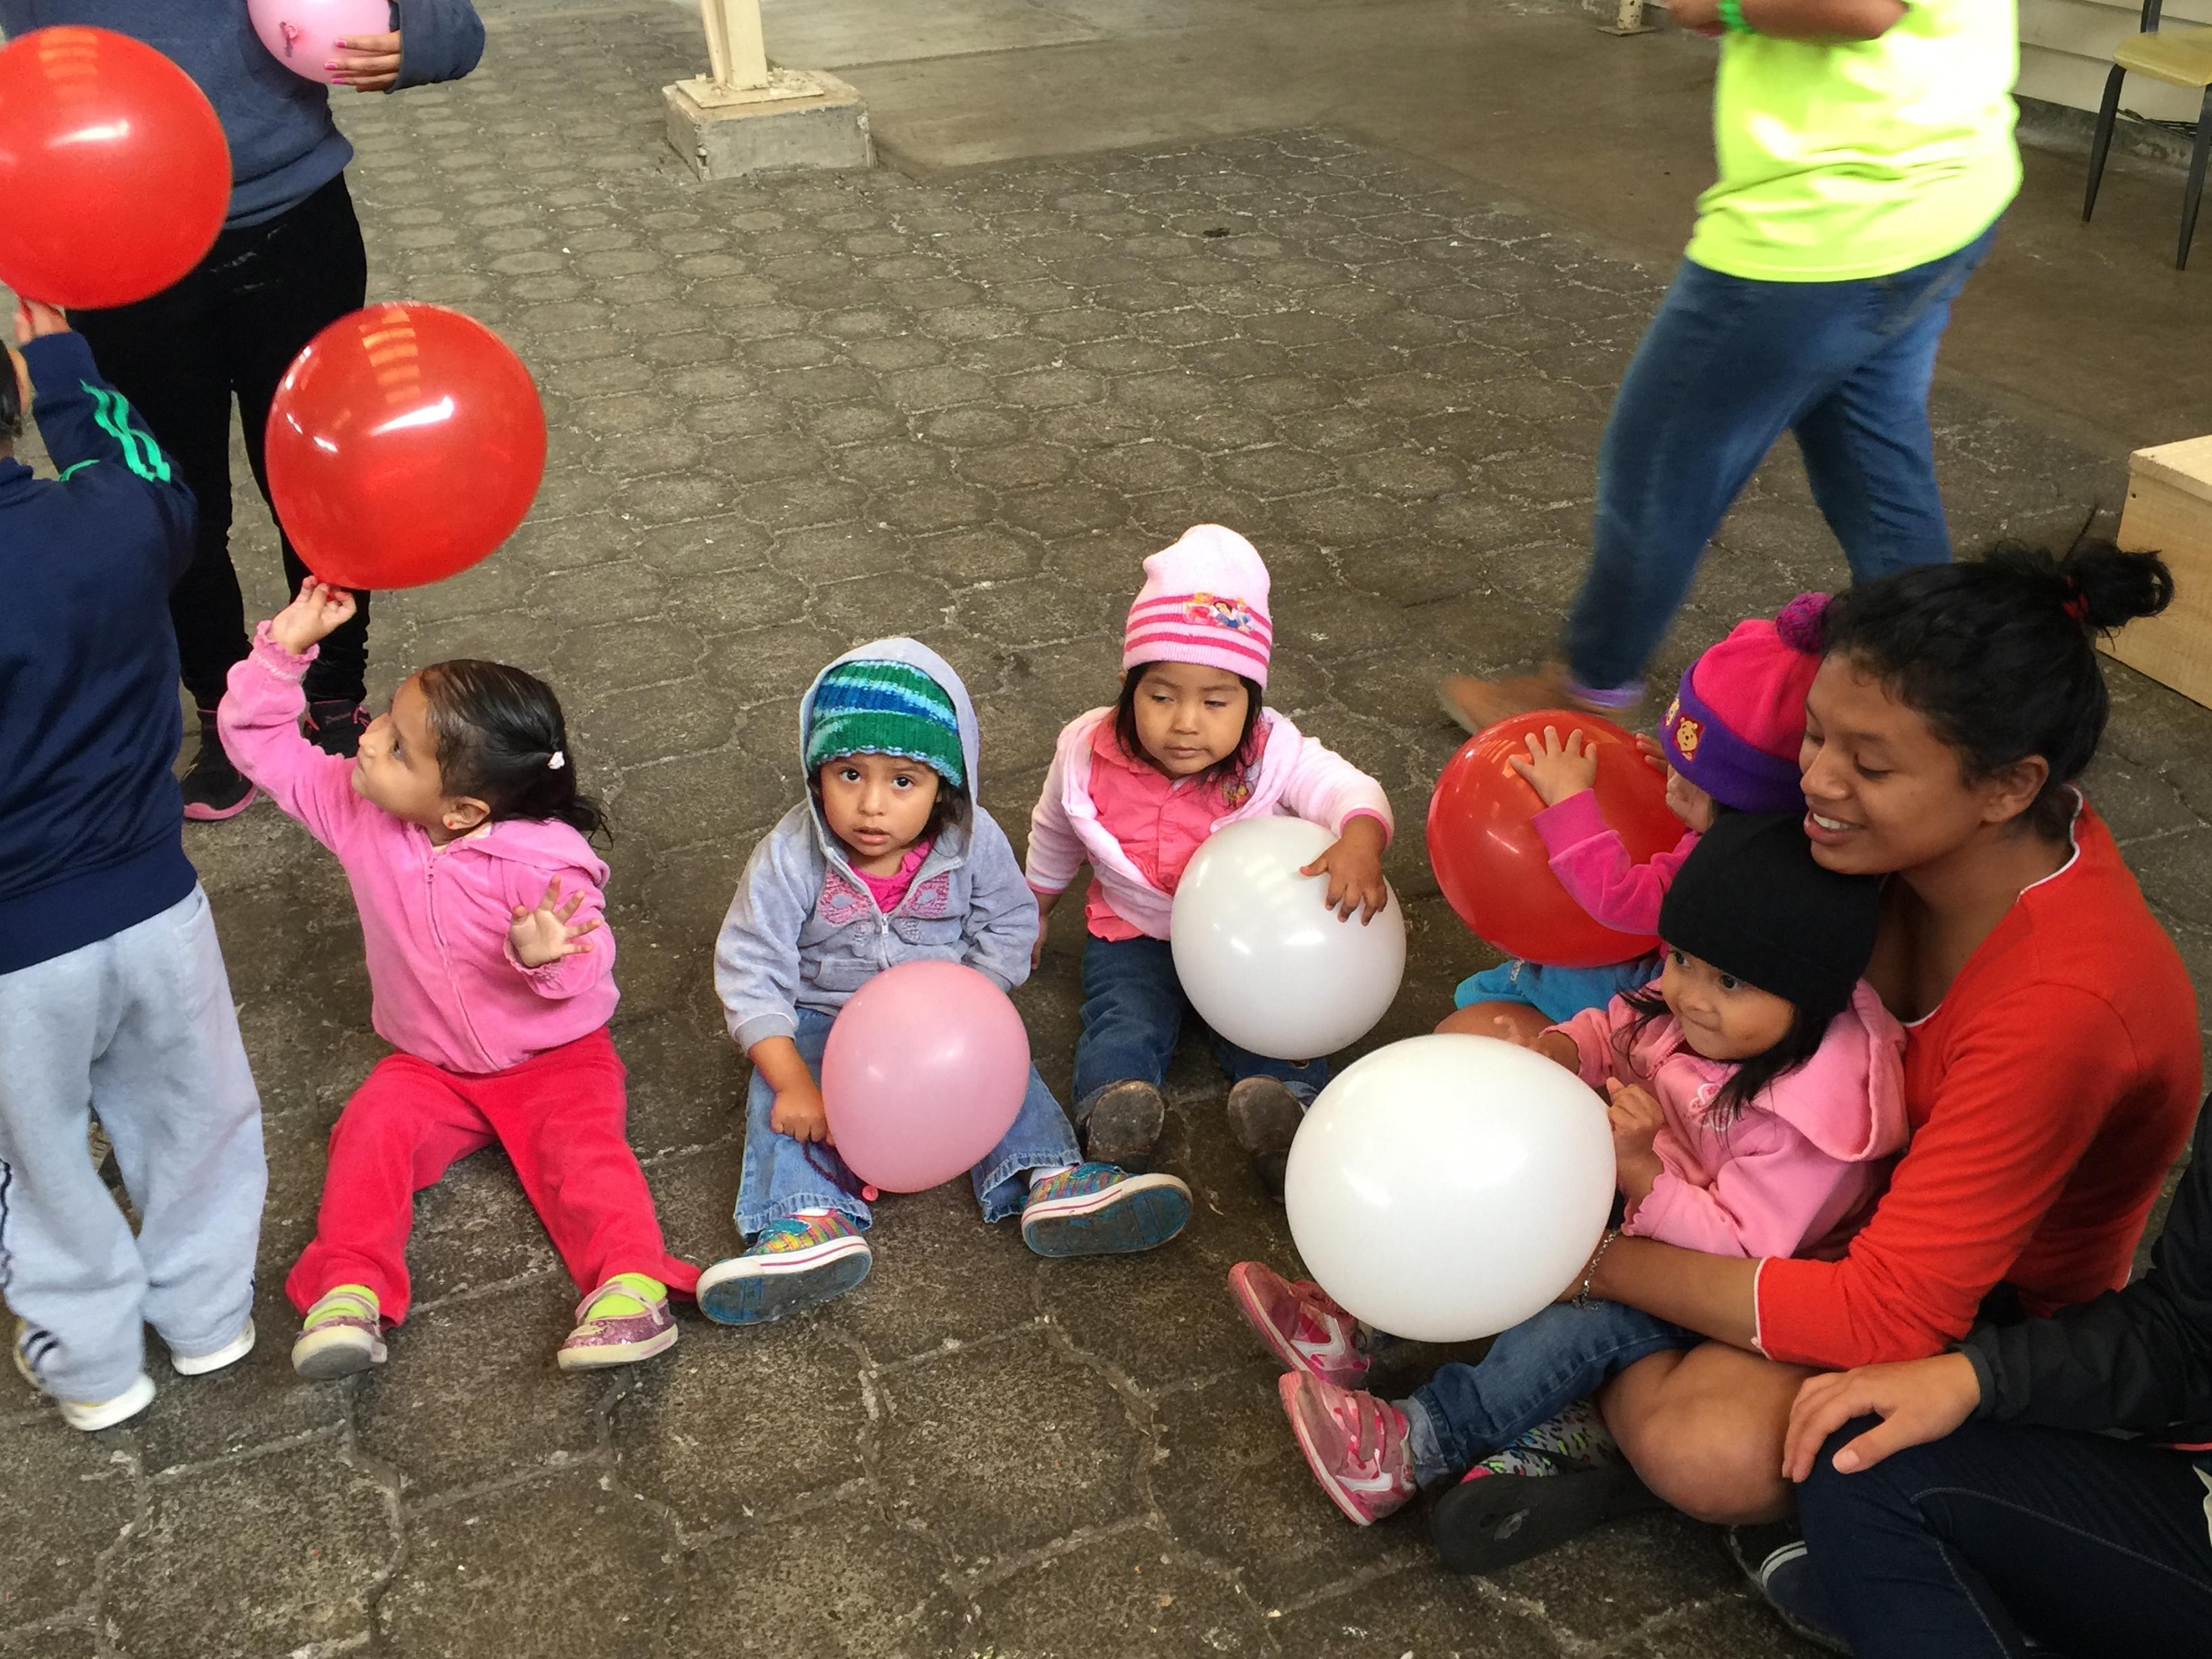 Everyone gets a balloon